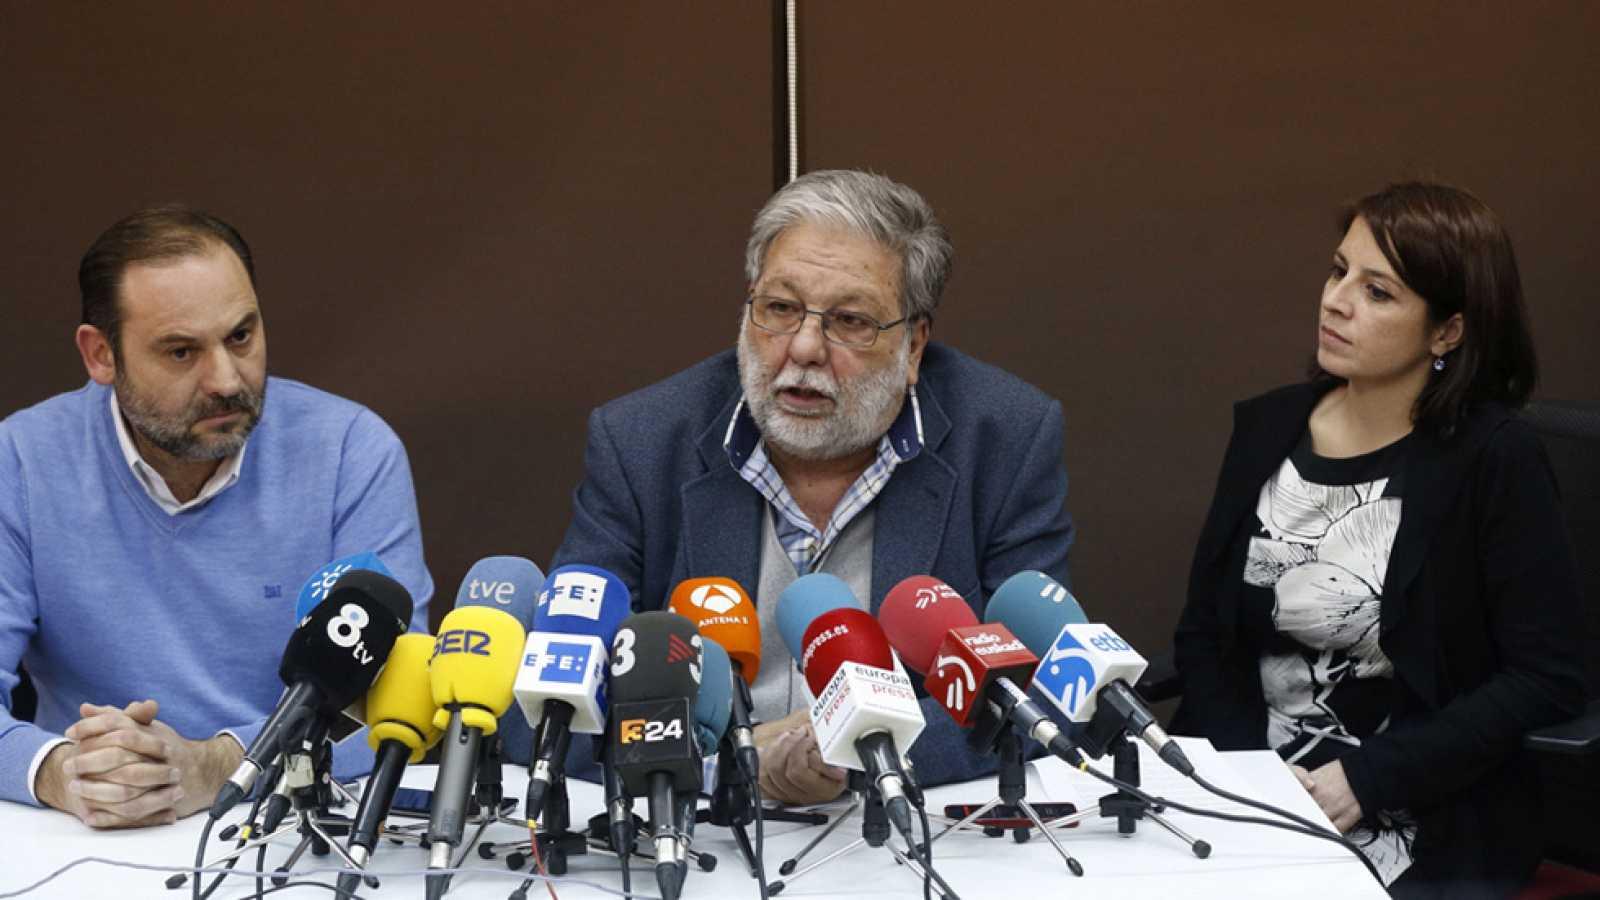 Para todos los públicos Los afines a Pedro Sánchez se reúnen en Madrid para  pedirle que se presente a las reproducir video ced753145e1